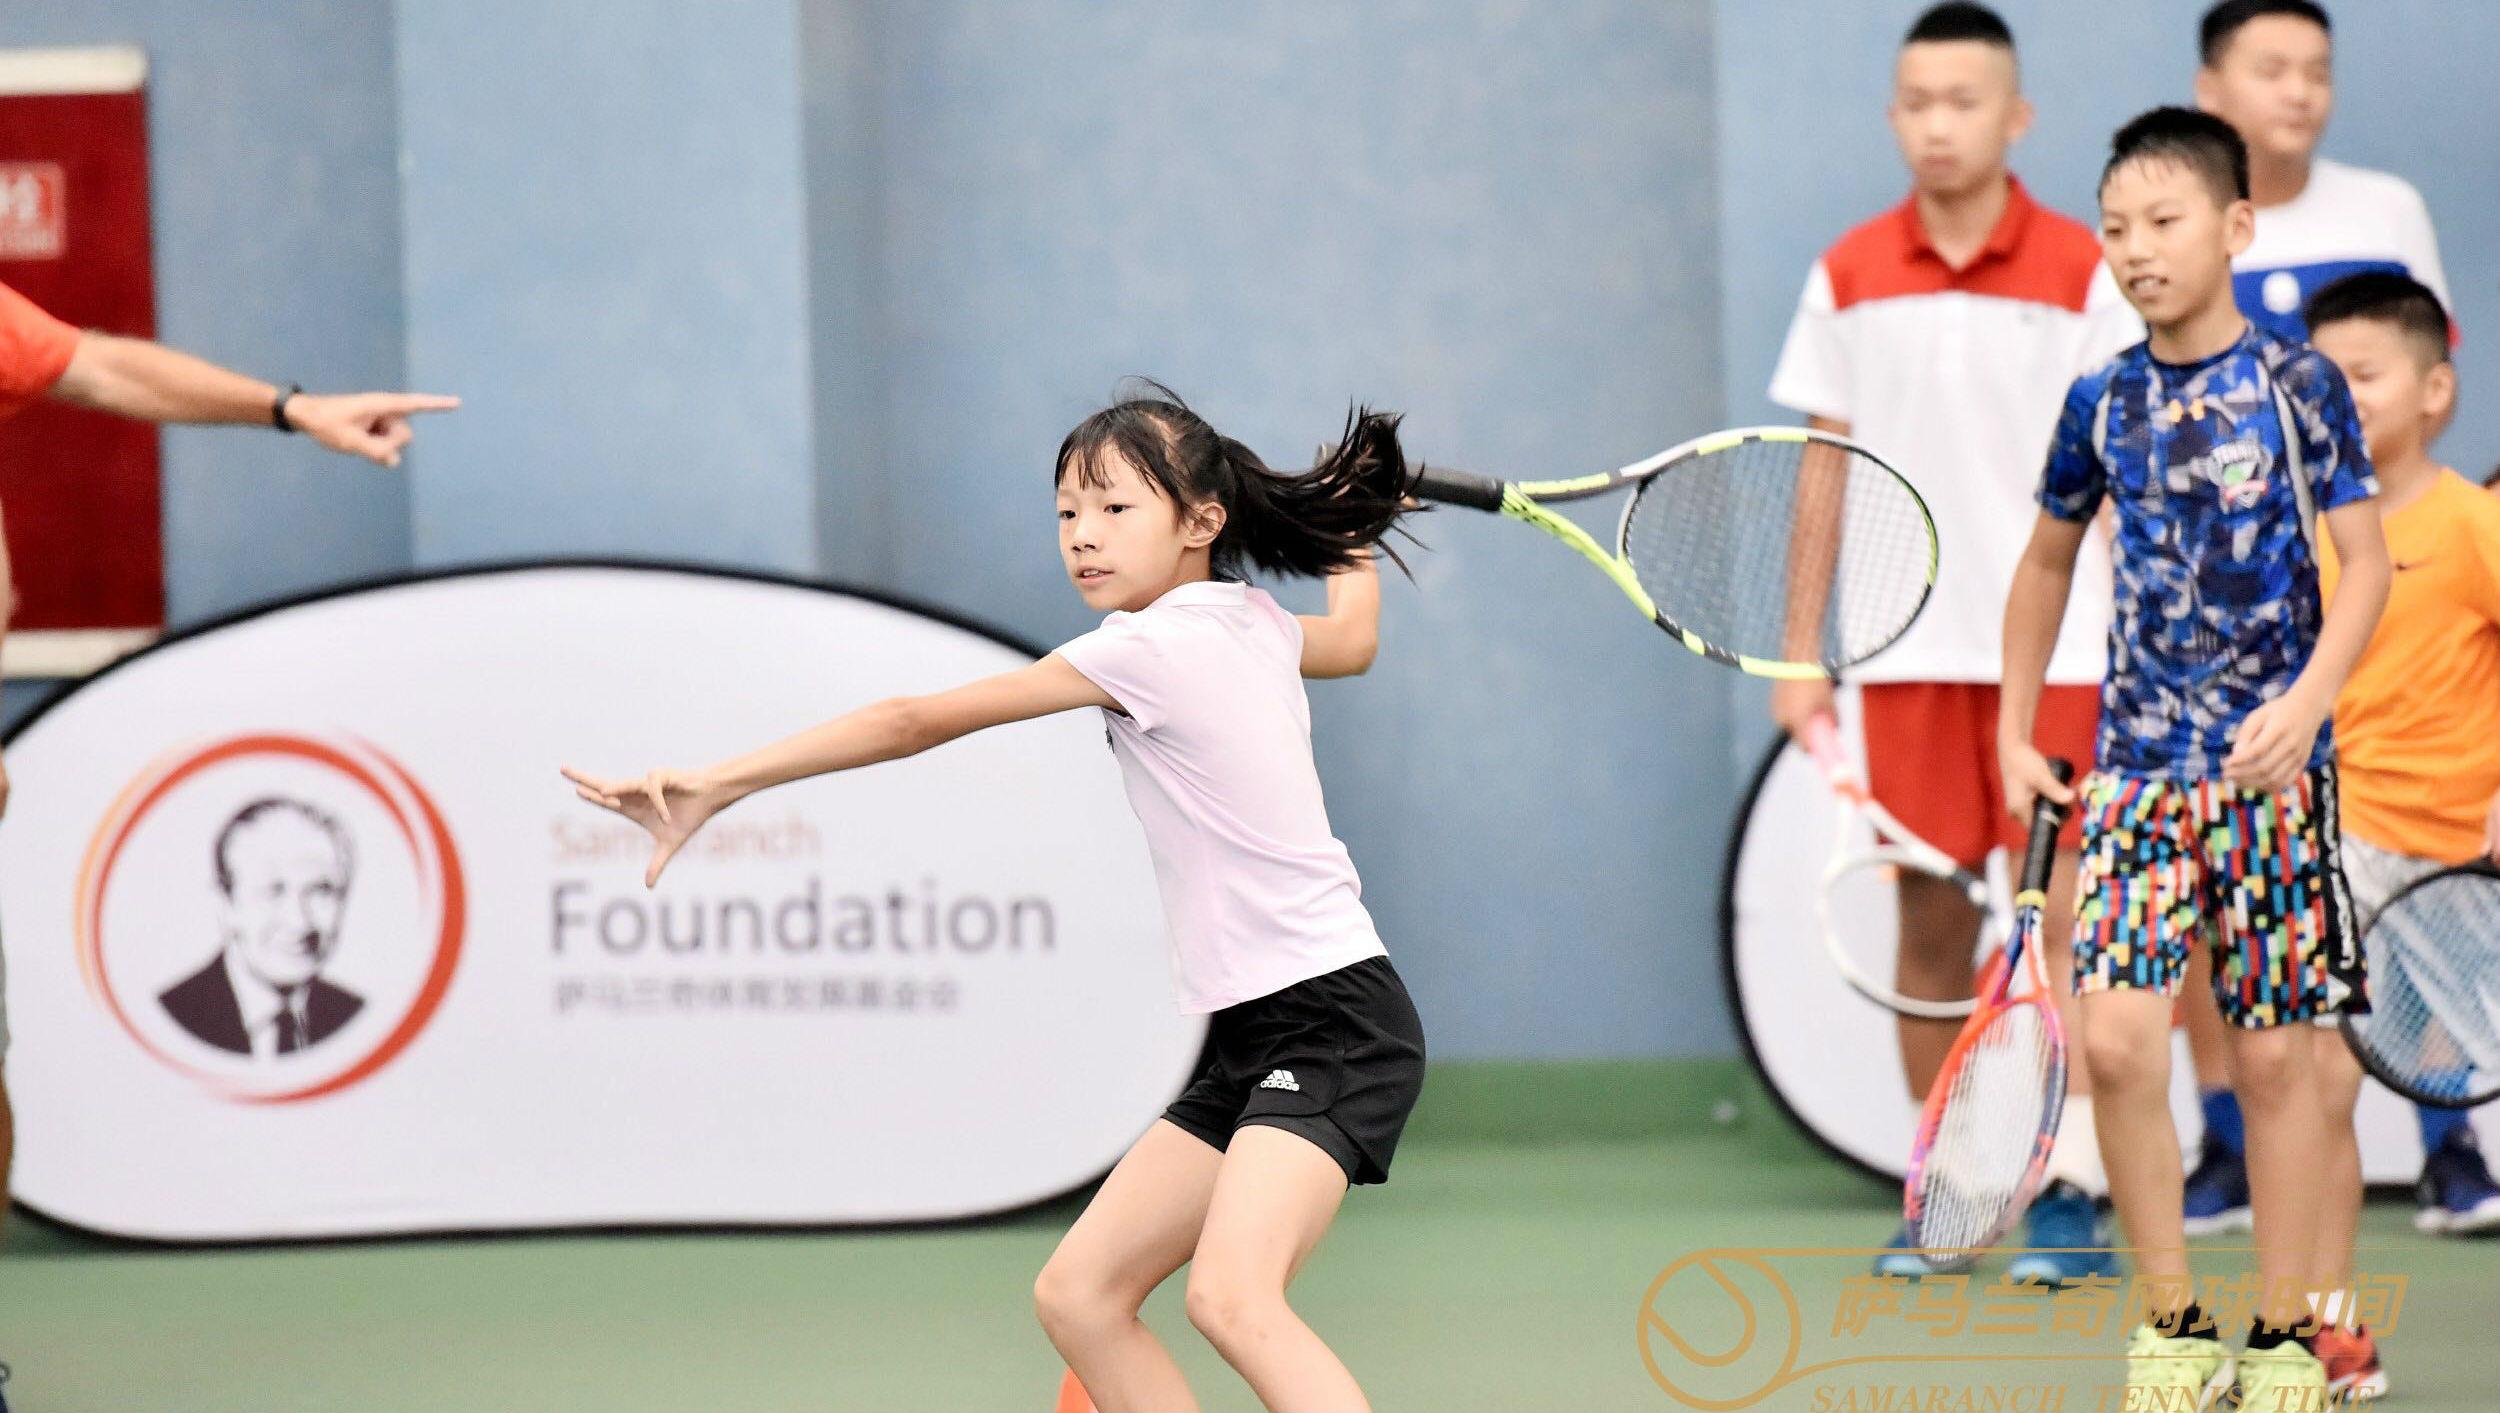 助力青少年发展 萨马兰奇基金会网球公益时间走进成都